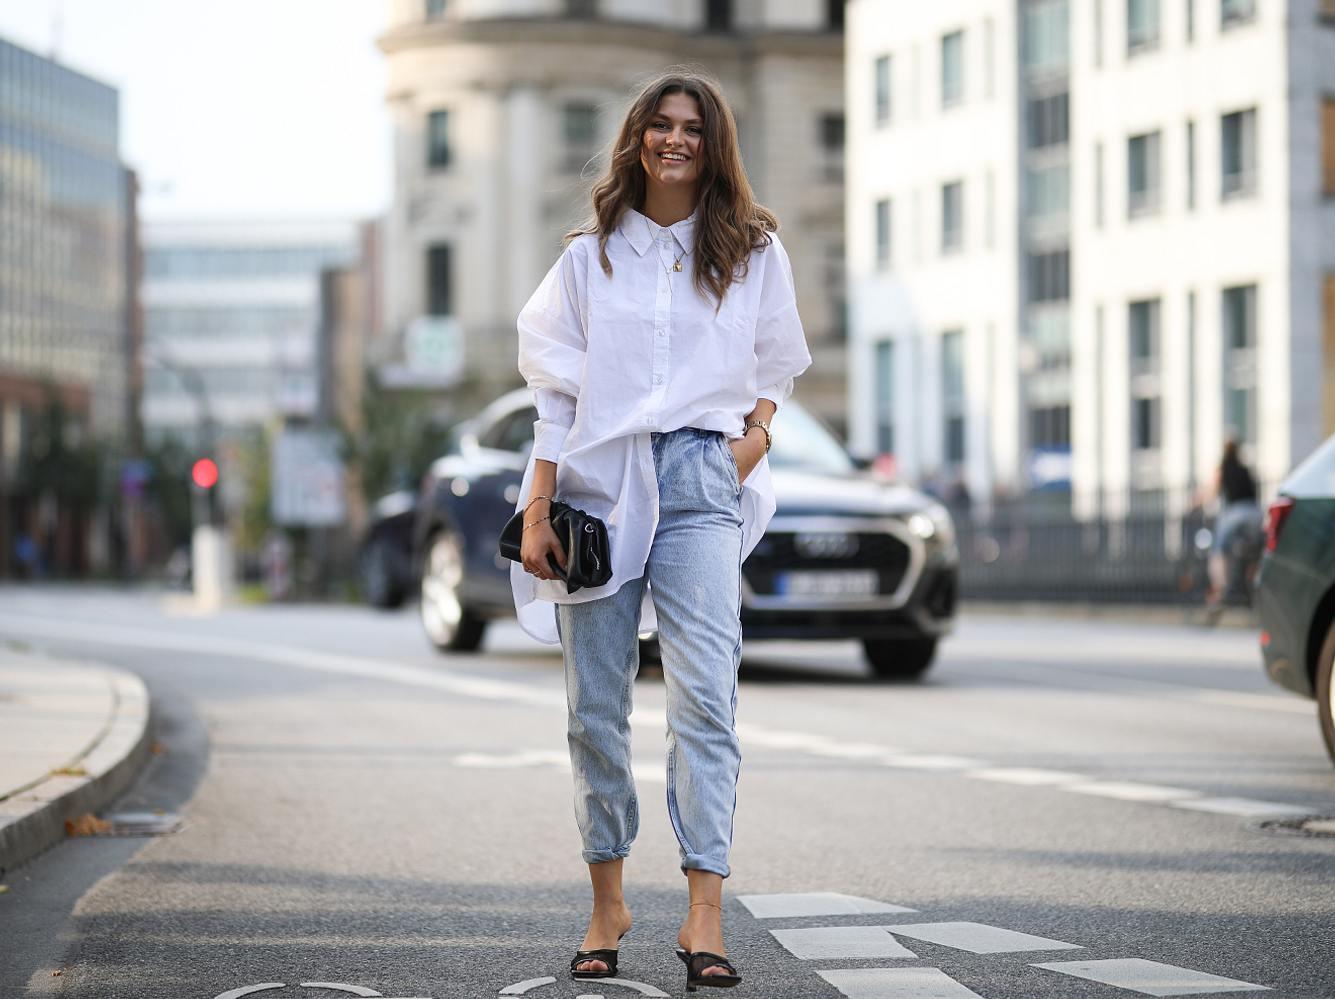 Oversize Bluse kombinieren: So stylst du das angesagte Trend-Teil diesen Sommer